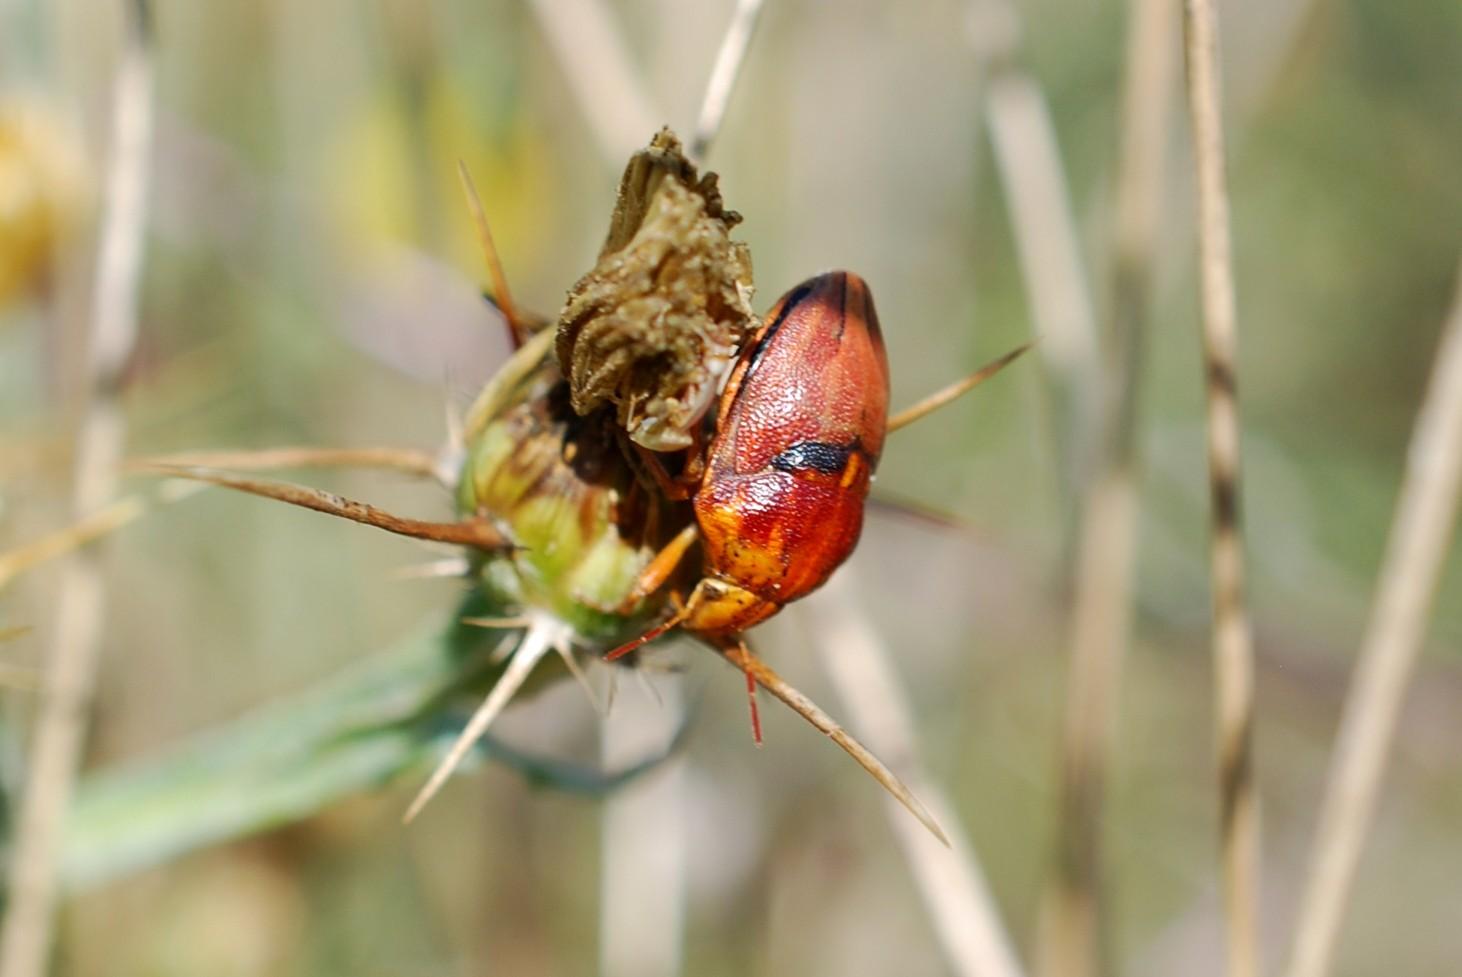 Odontotarsus sp. - Scutelleridae